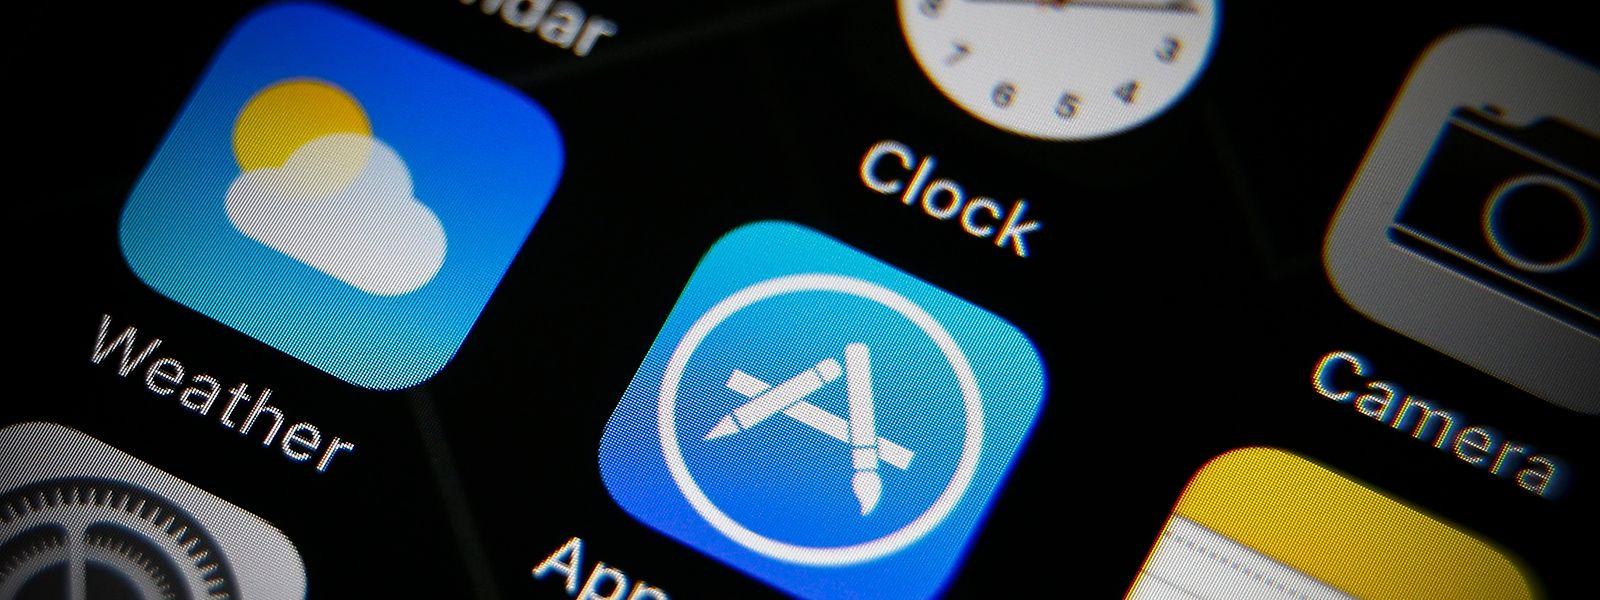 Eine Gruppe deutscher Verbände aus der Medien- und Werbewirtschaft wirft Apple unfairen Wettbewerb vor.